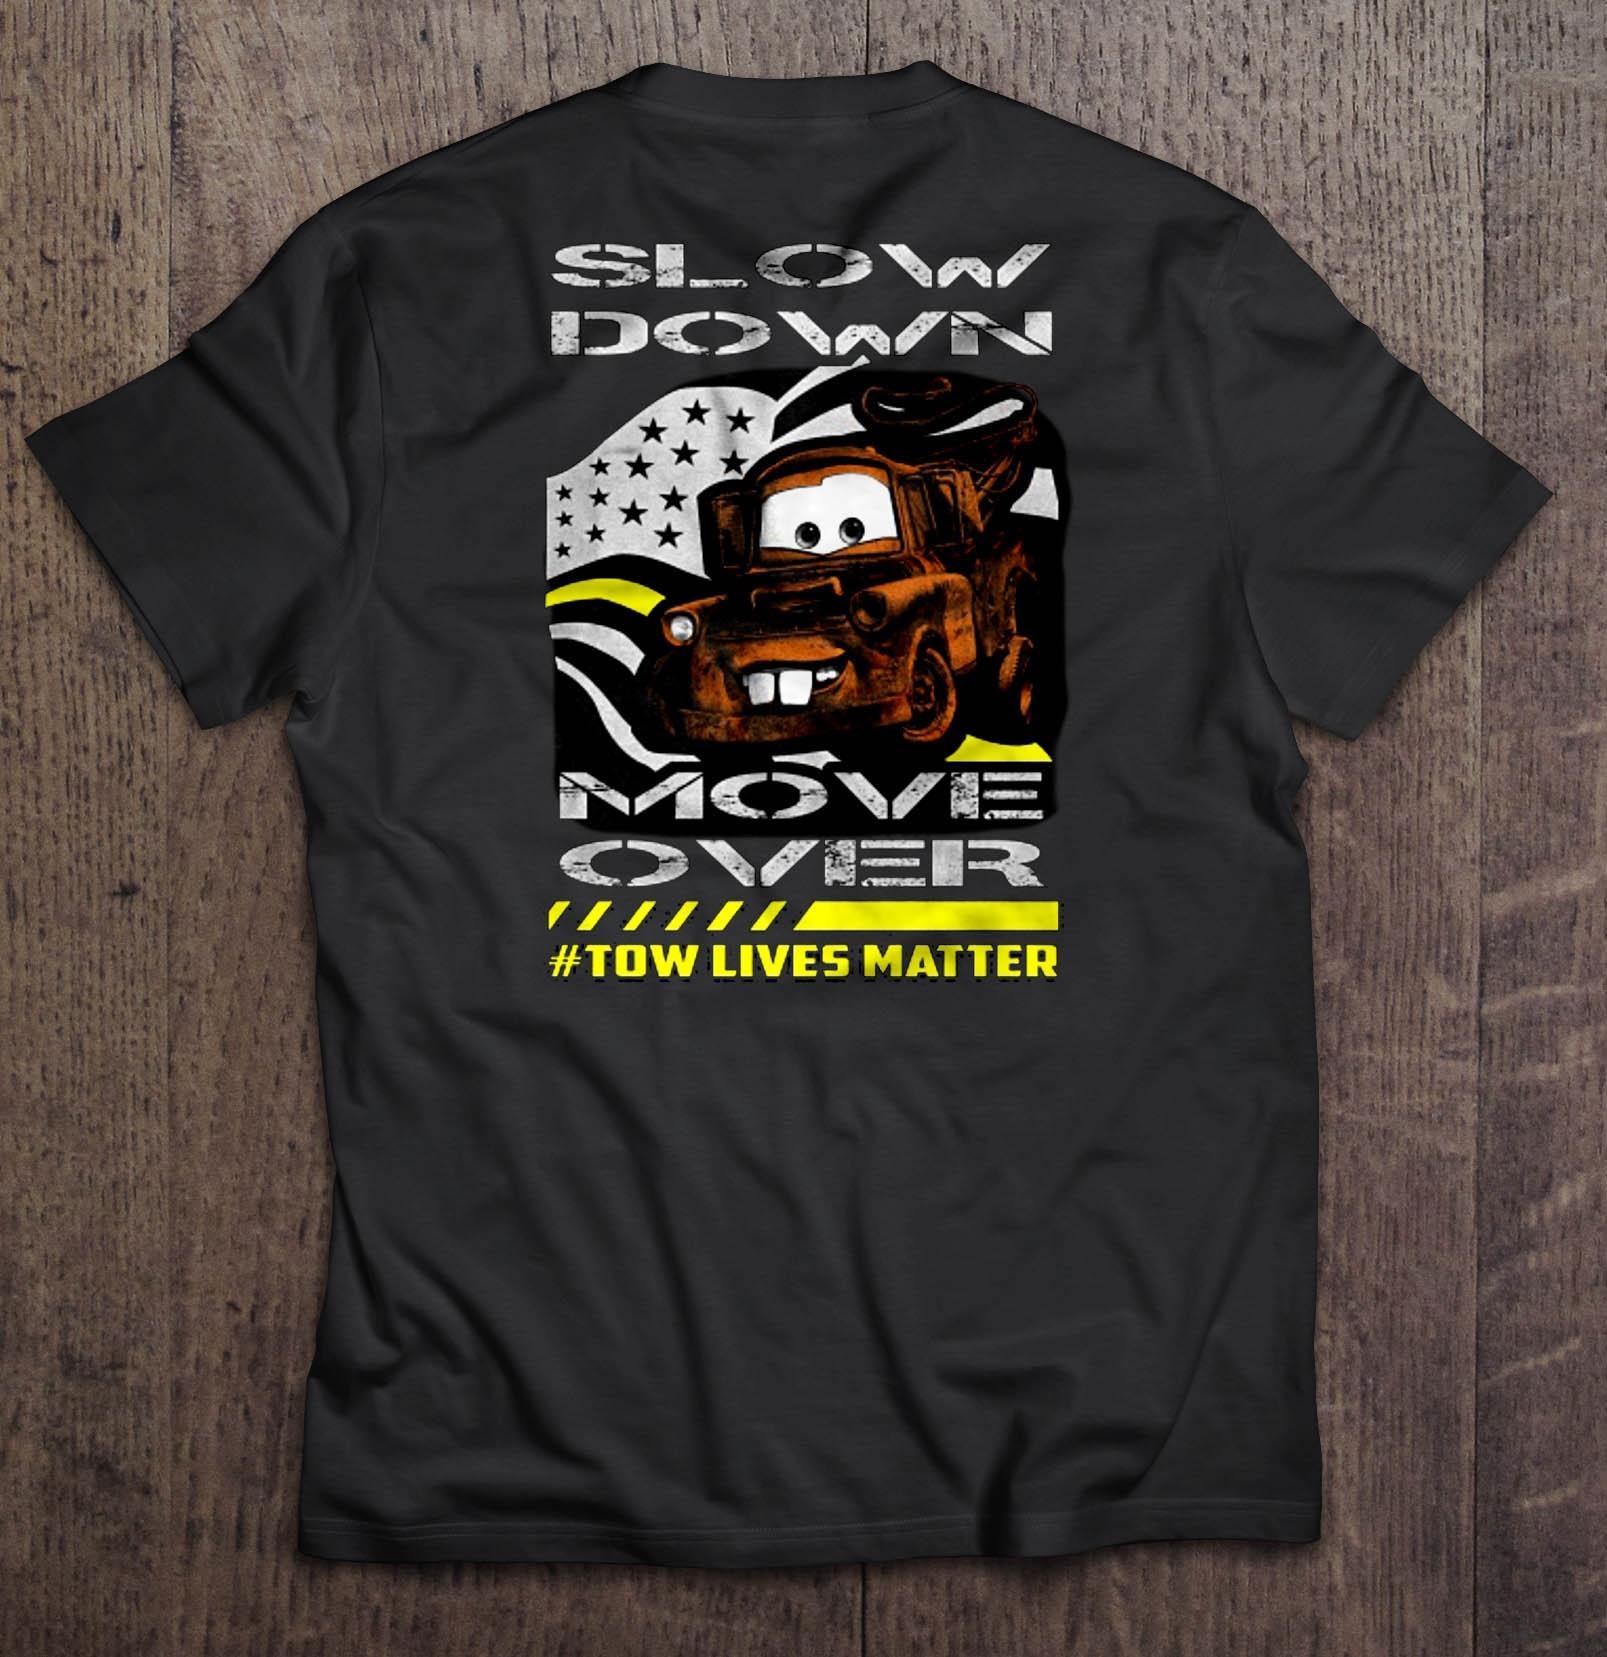 Мужчины Футболка Медленное движение вниз над буксирными жизни неважно Женщины футболку